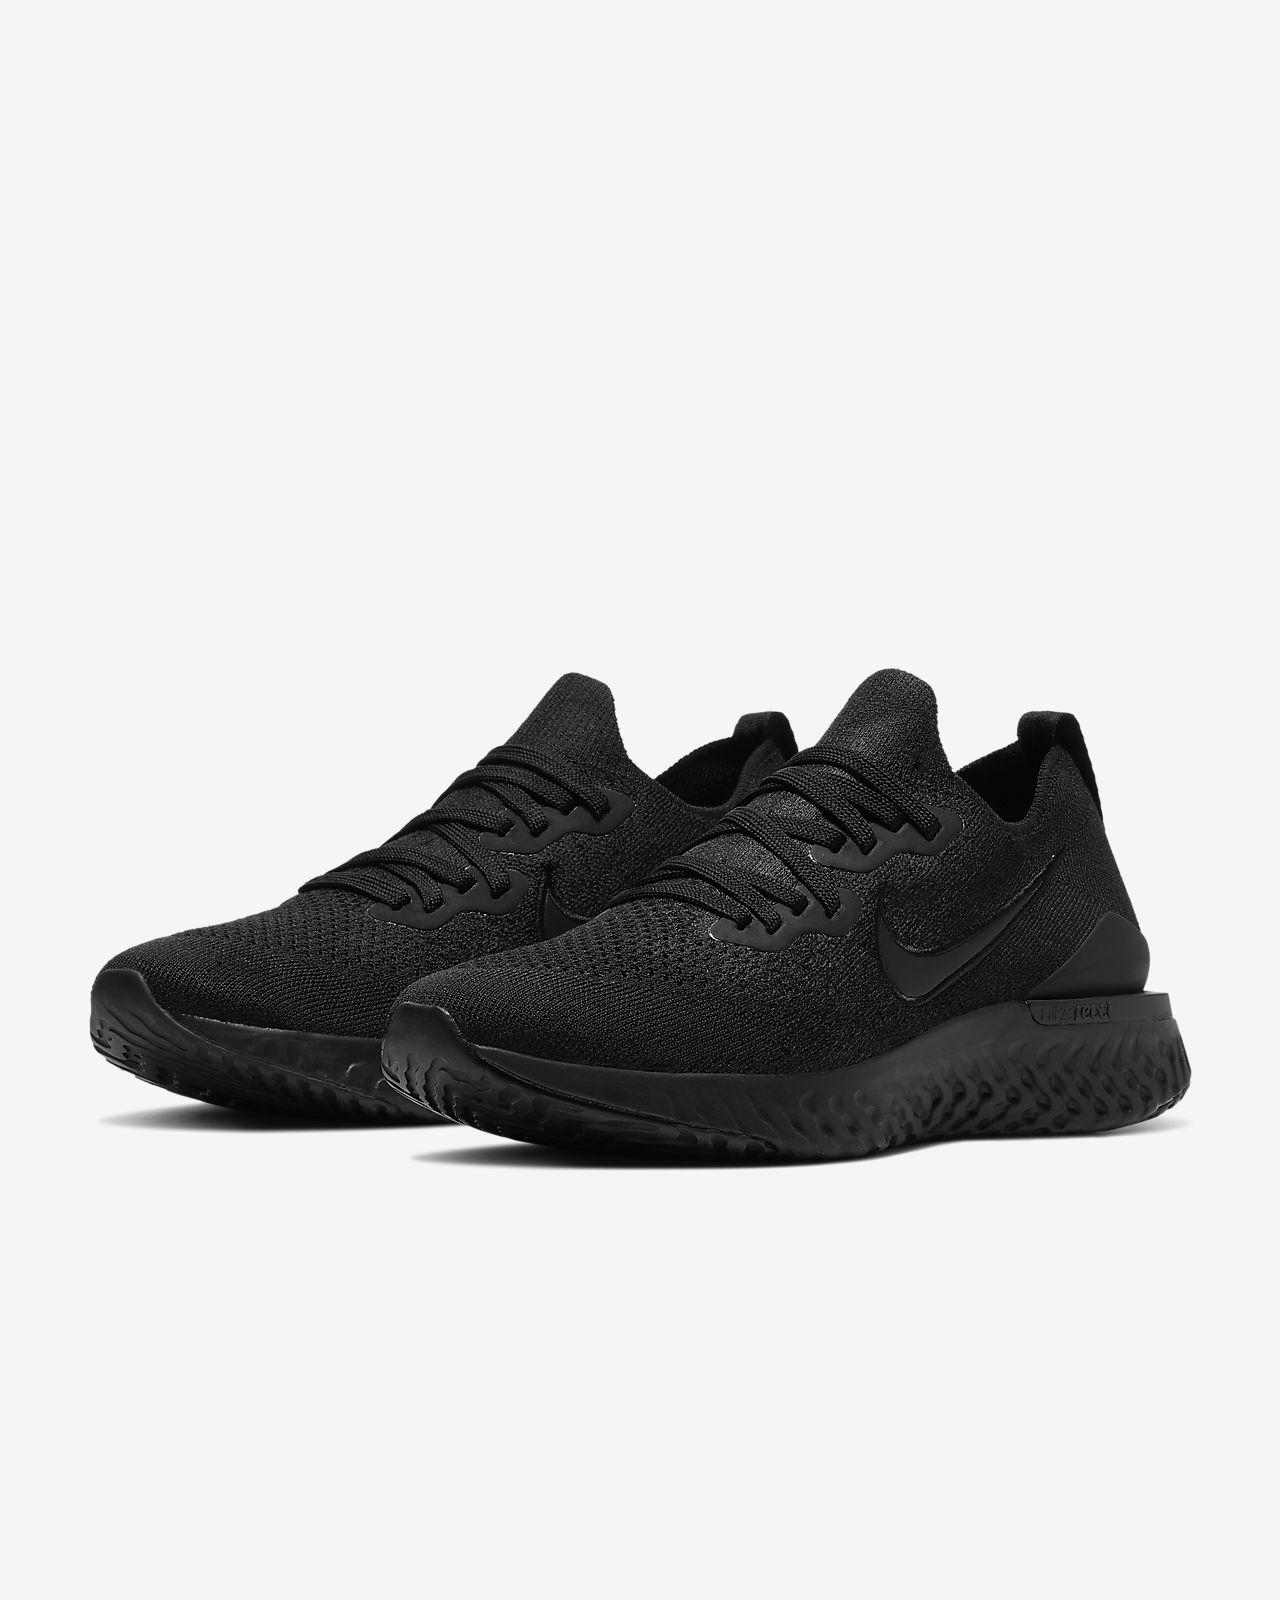 71e261266cd1 Nike Epic React Flyknit 2 Women's Running Shoe. Nike.com